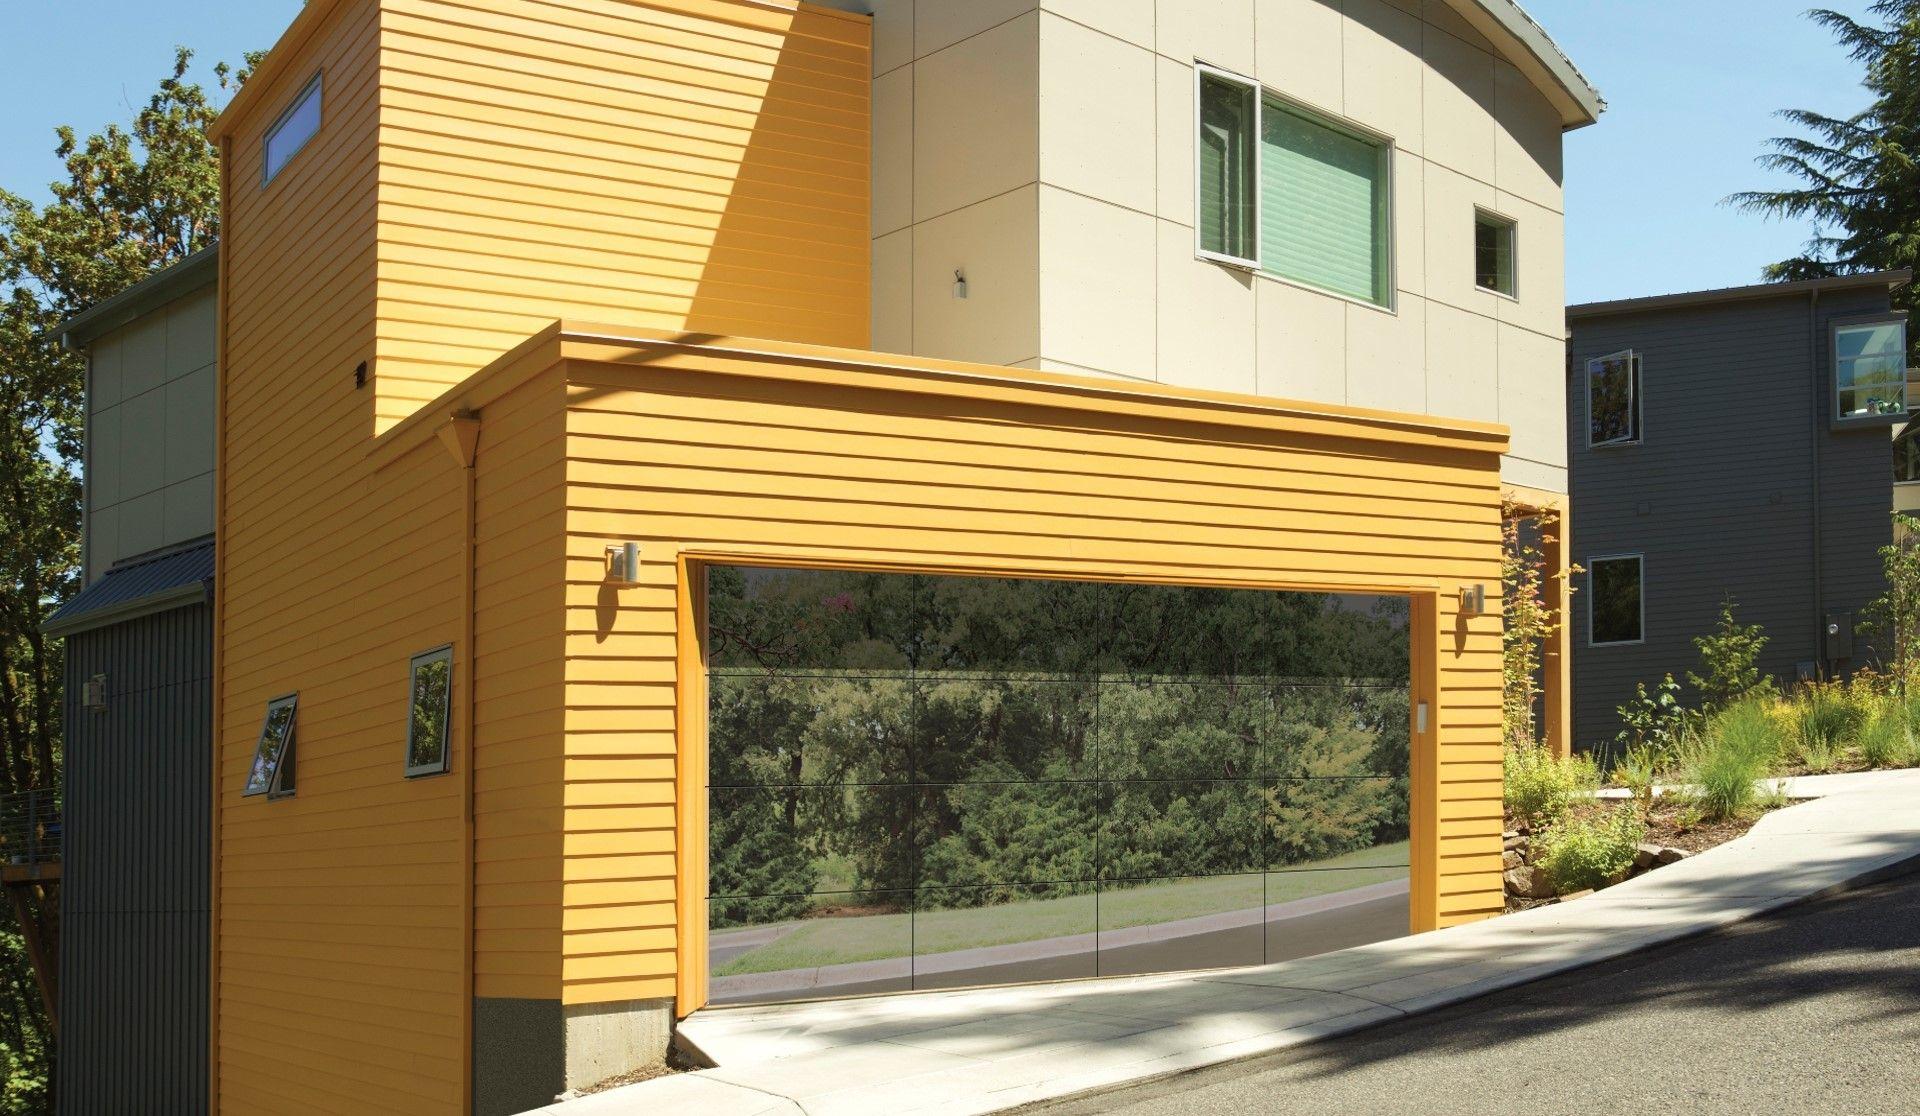 card booth corner exchange steam cosy s joe door garage diner of wilde index showcase